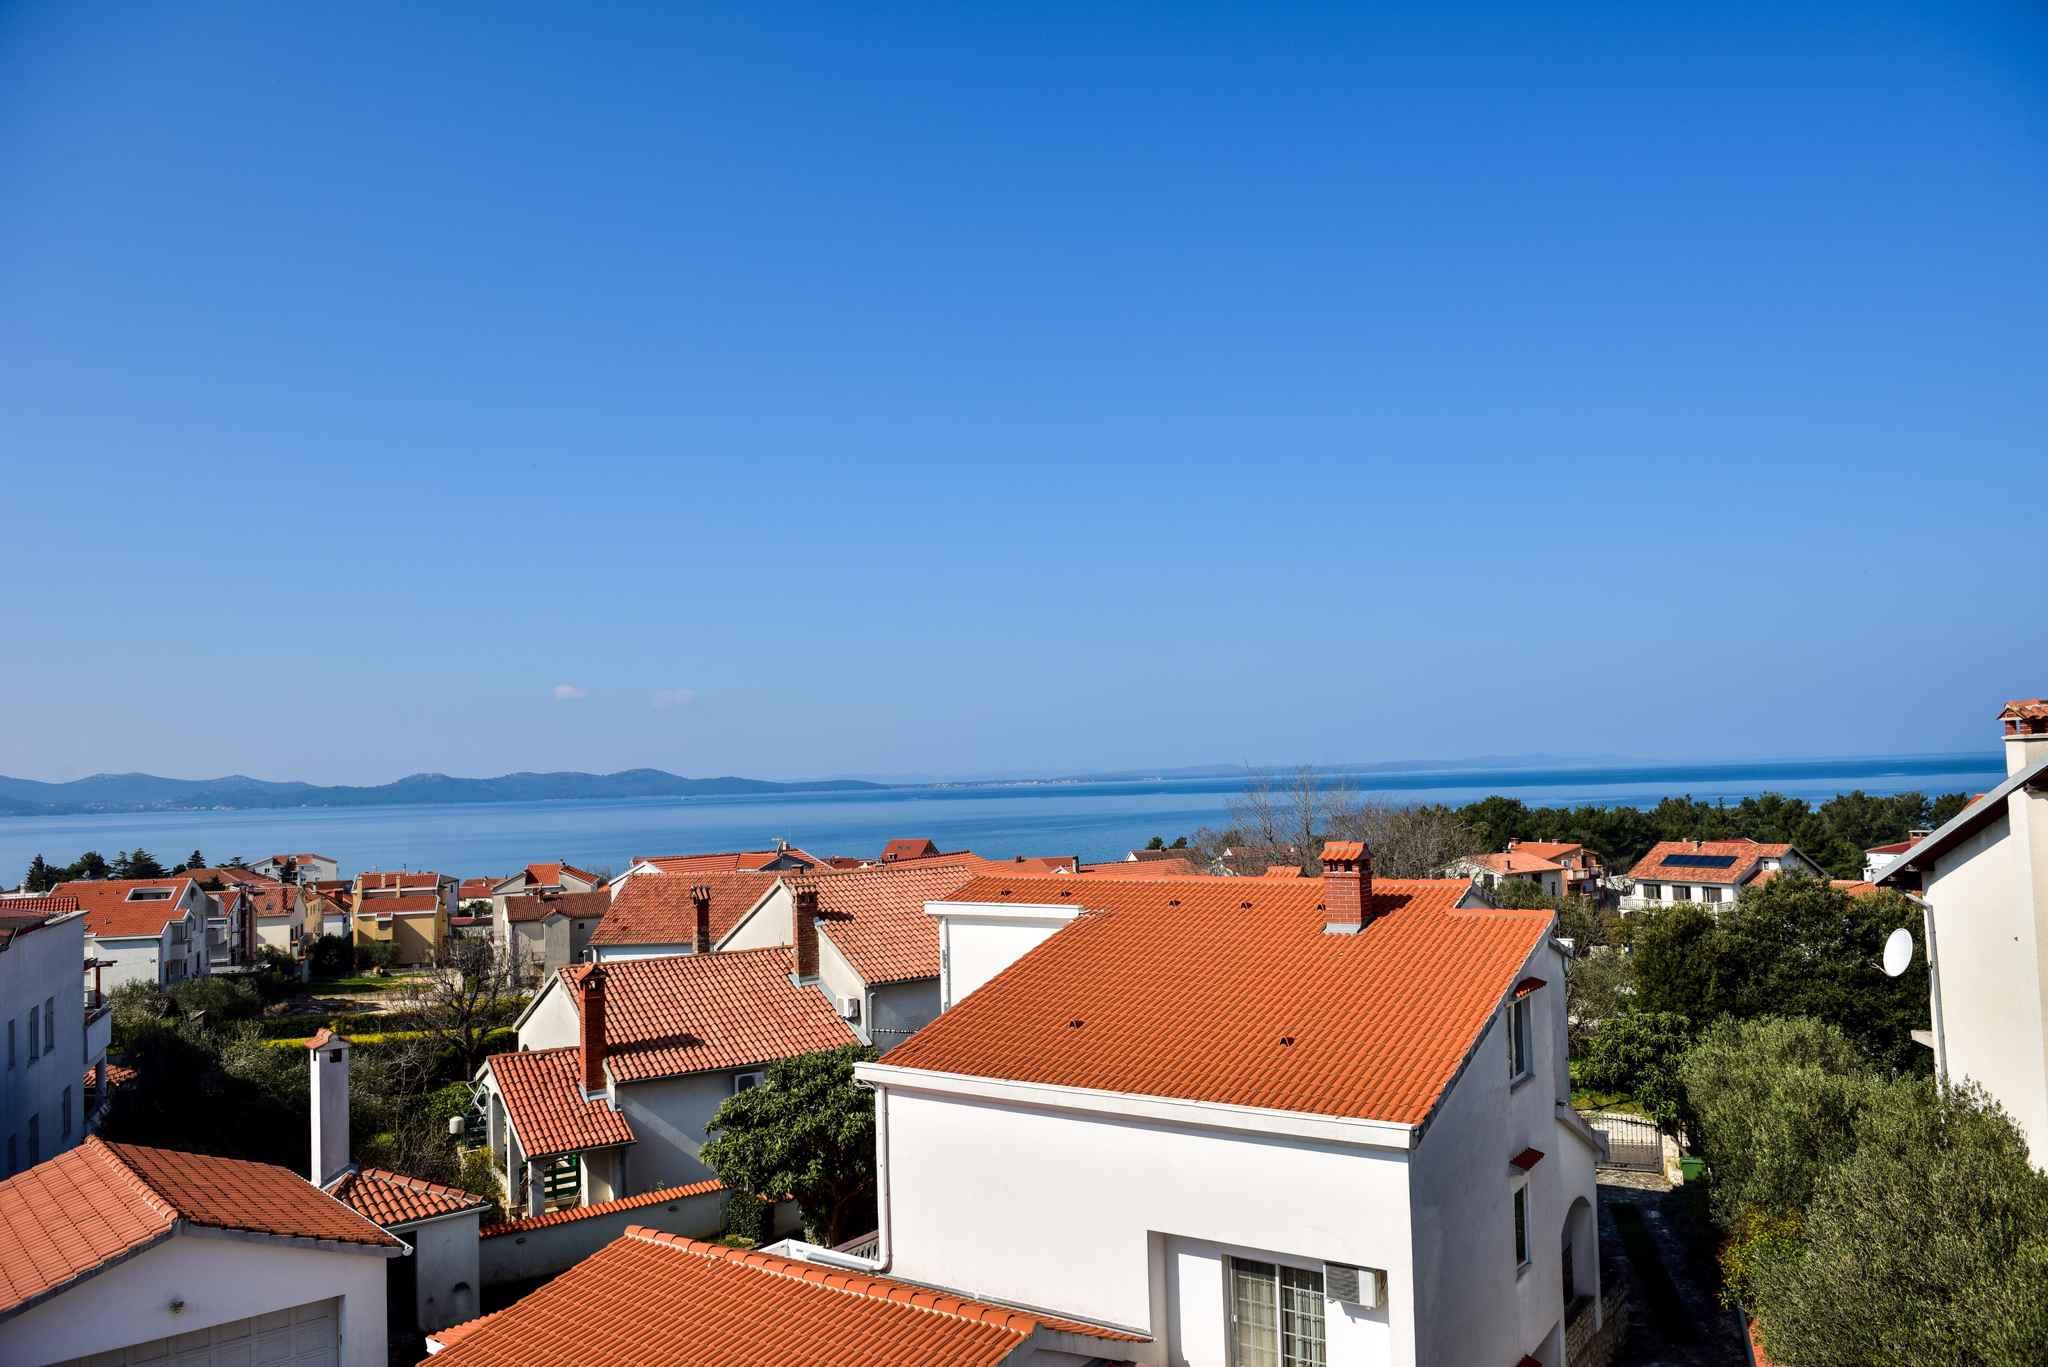 Ferienwohnung mit Meerblick (278910), Zadar, , Dalmatien, Kroatien, Bild 43